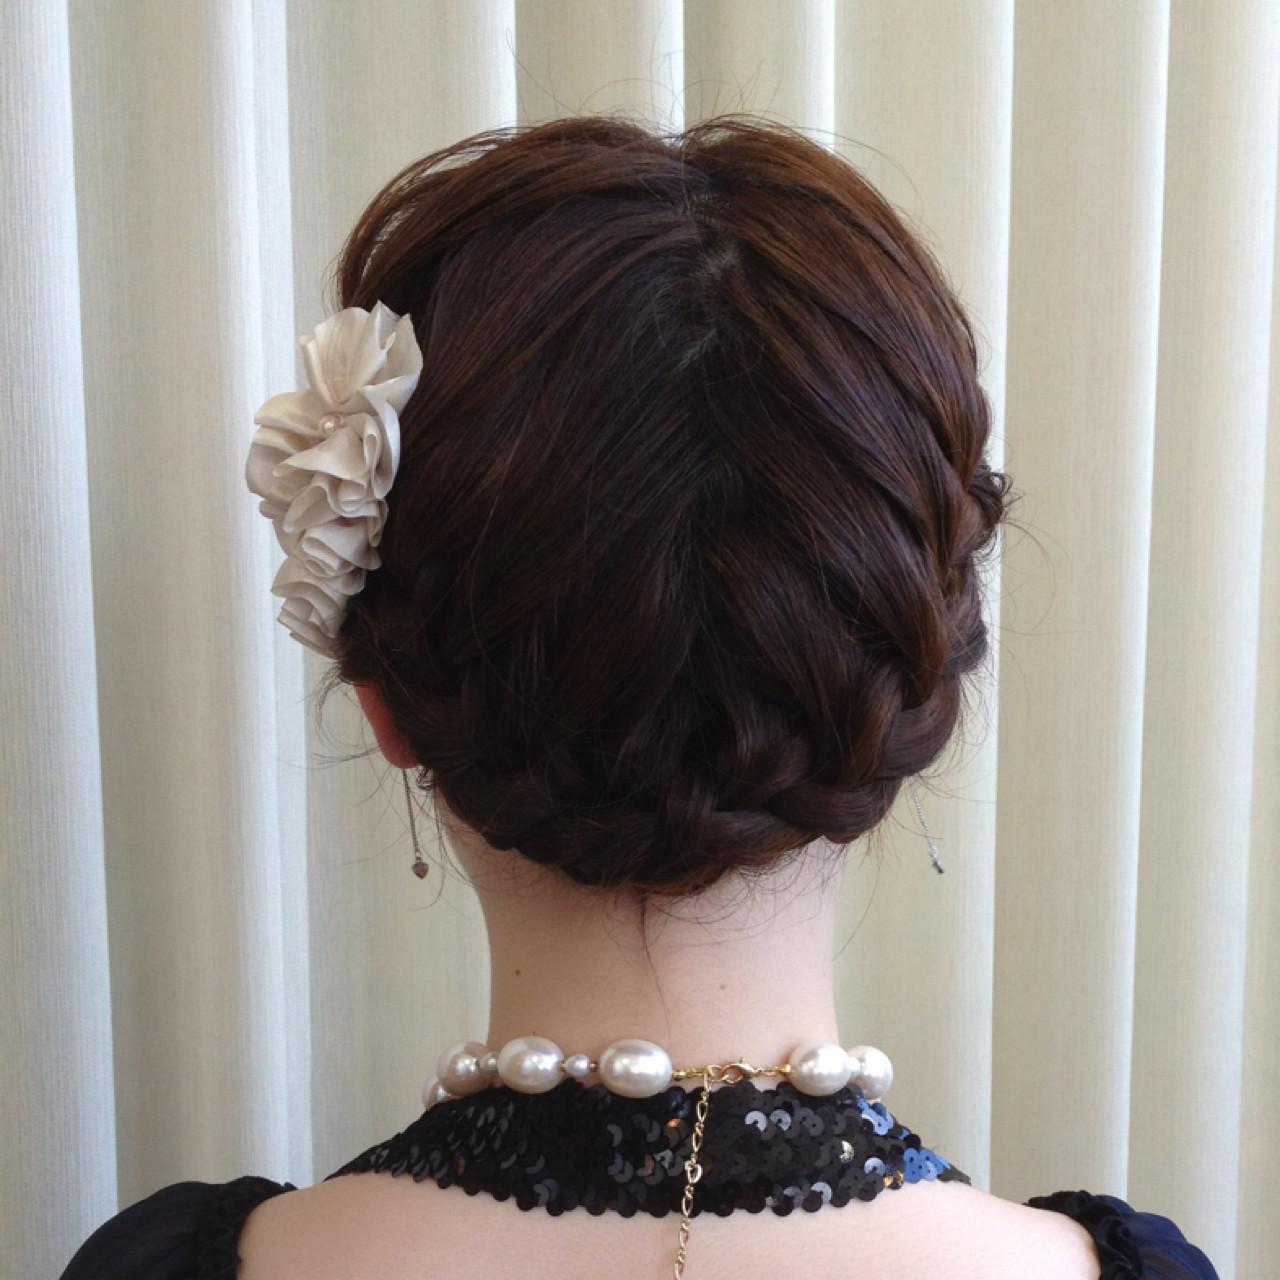 ヘアアレンジ 結婚式 ミディアム パーティ ヘアスタイルや髪型の写真・画像 | 木脇麻未 / トータルビューティーデザインオフコース